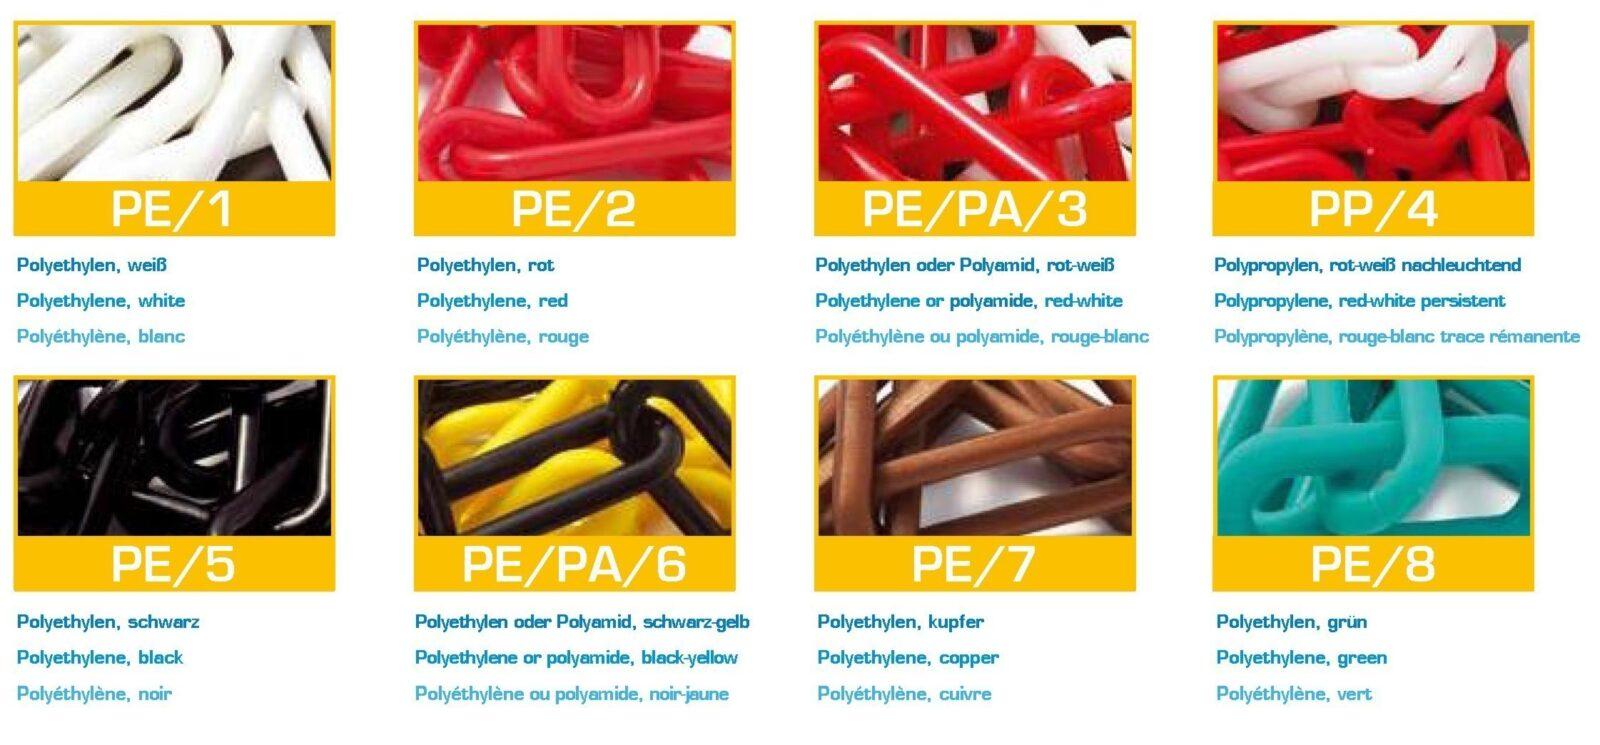 Kunststoffketten-uebersicht